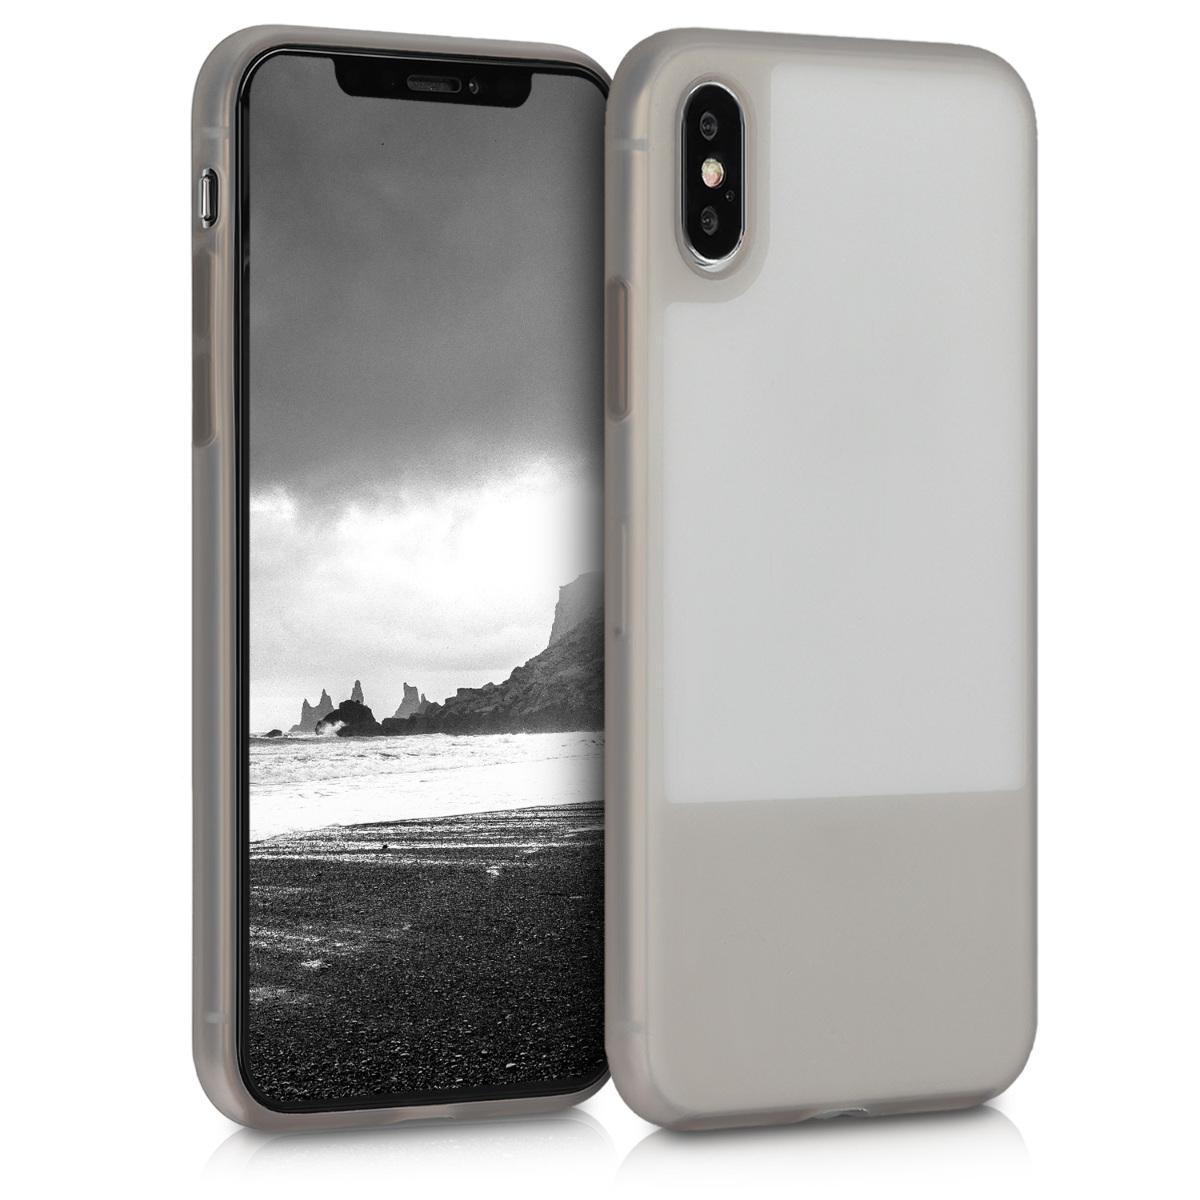 Kvalitní plastové pouzdro pro Apple iPhone X / XS - Světle šedá Matte | Grey